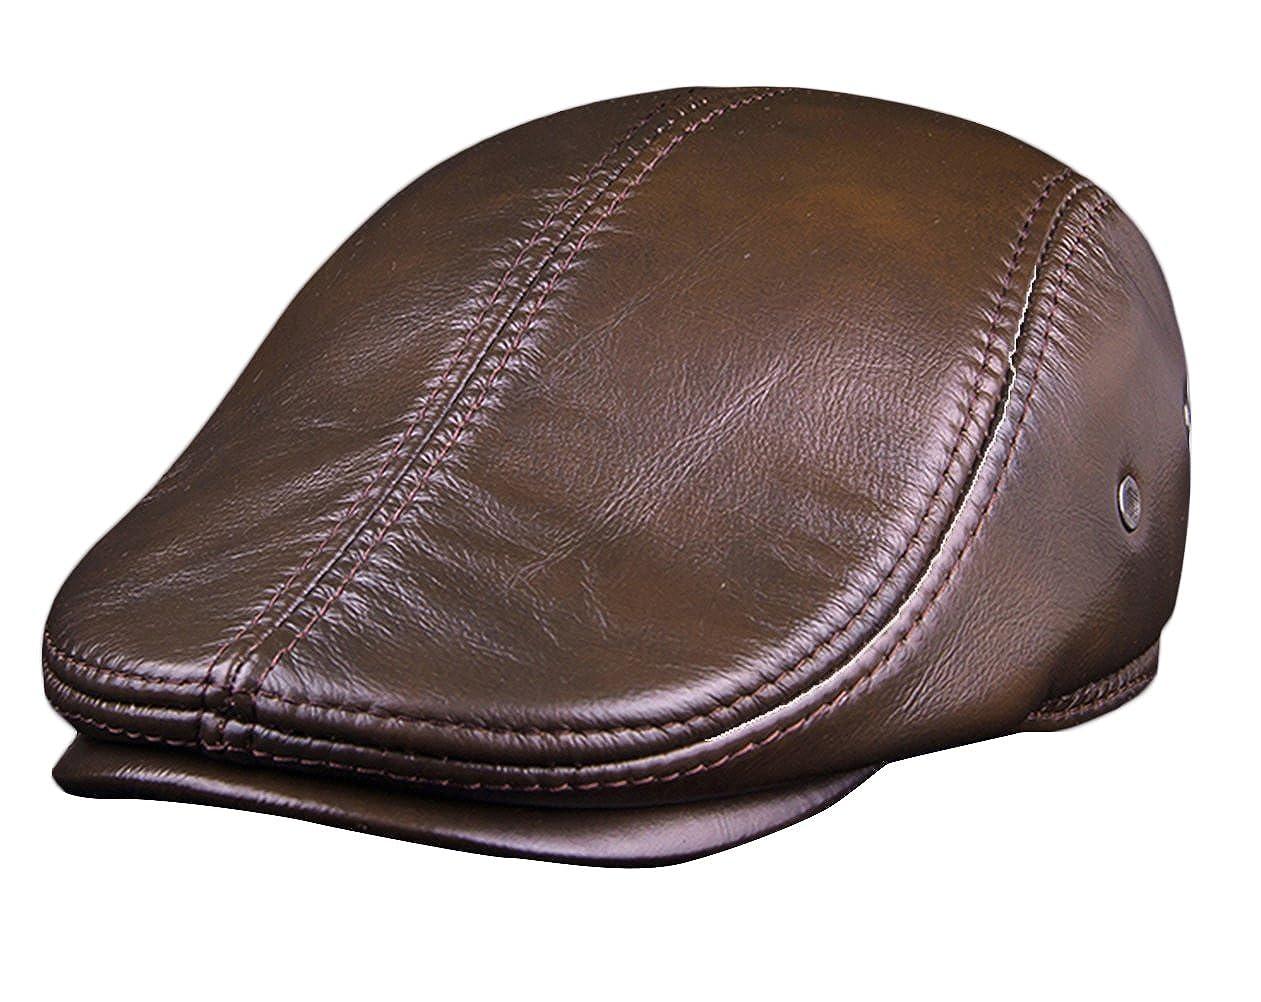 Insun Herren Leder Kappe Gatsby Cap Sportliche Schirmmütze für Übergangszeit und Winter INSN-KNAS-K14D8888